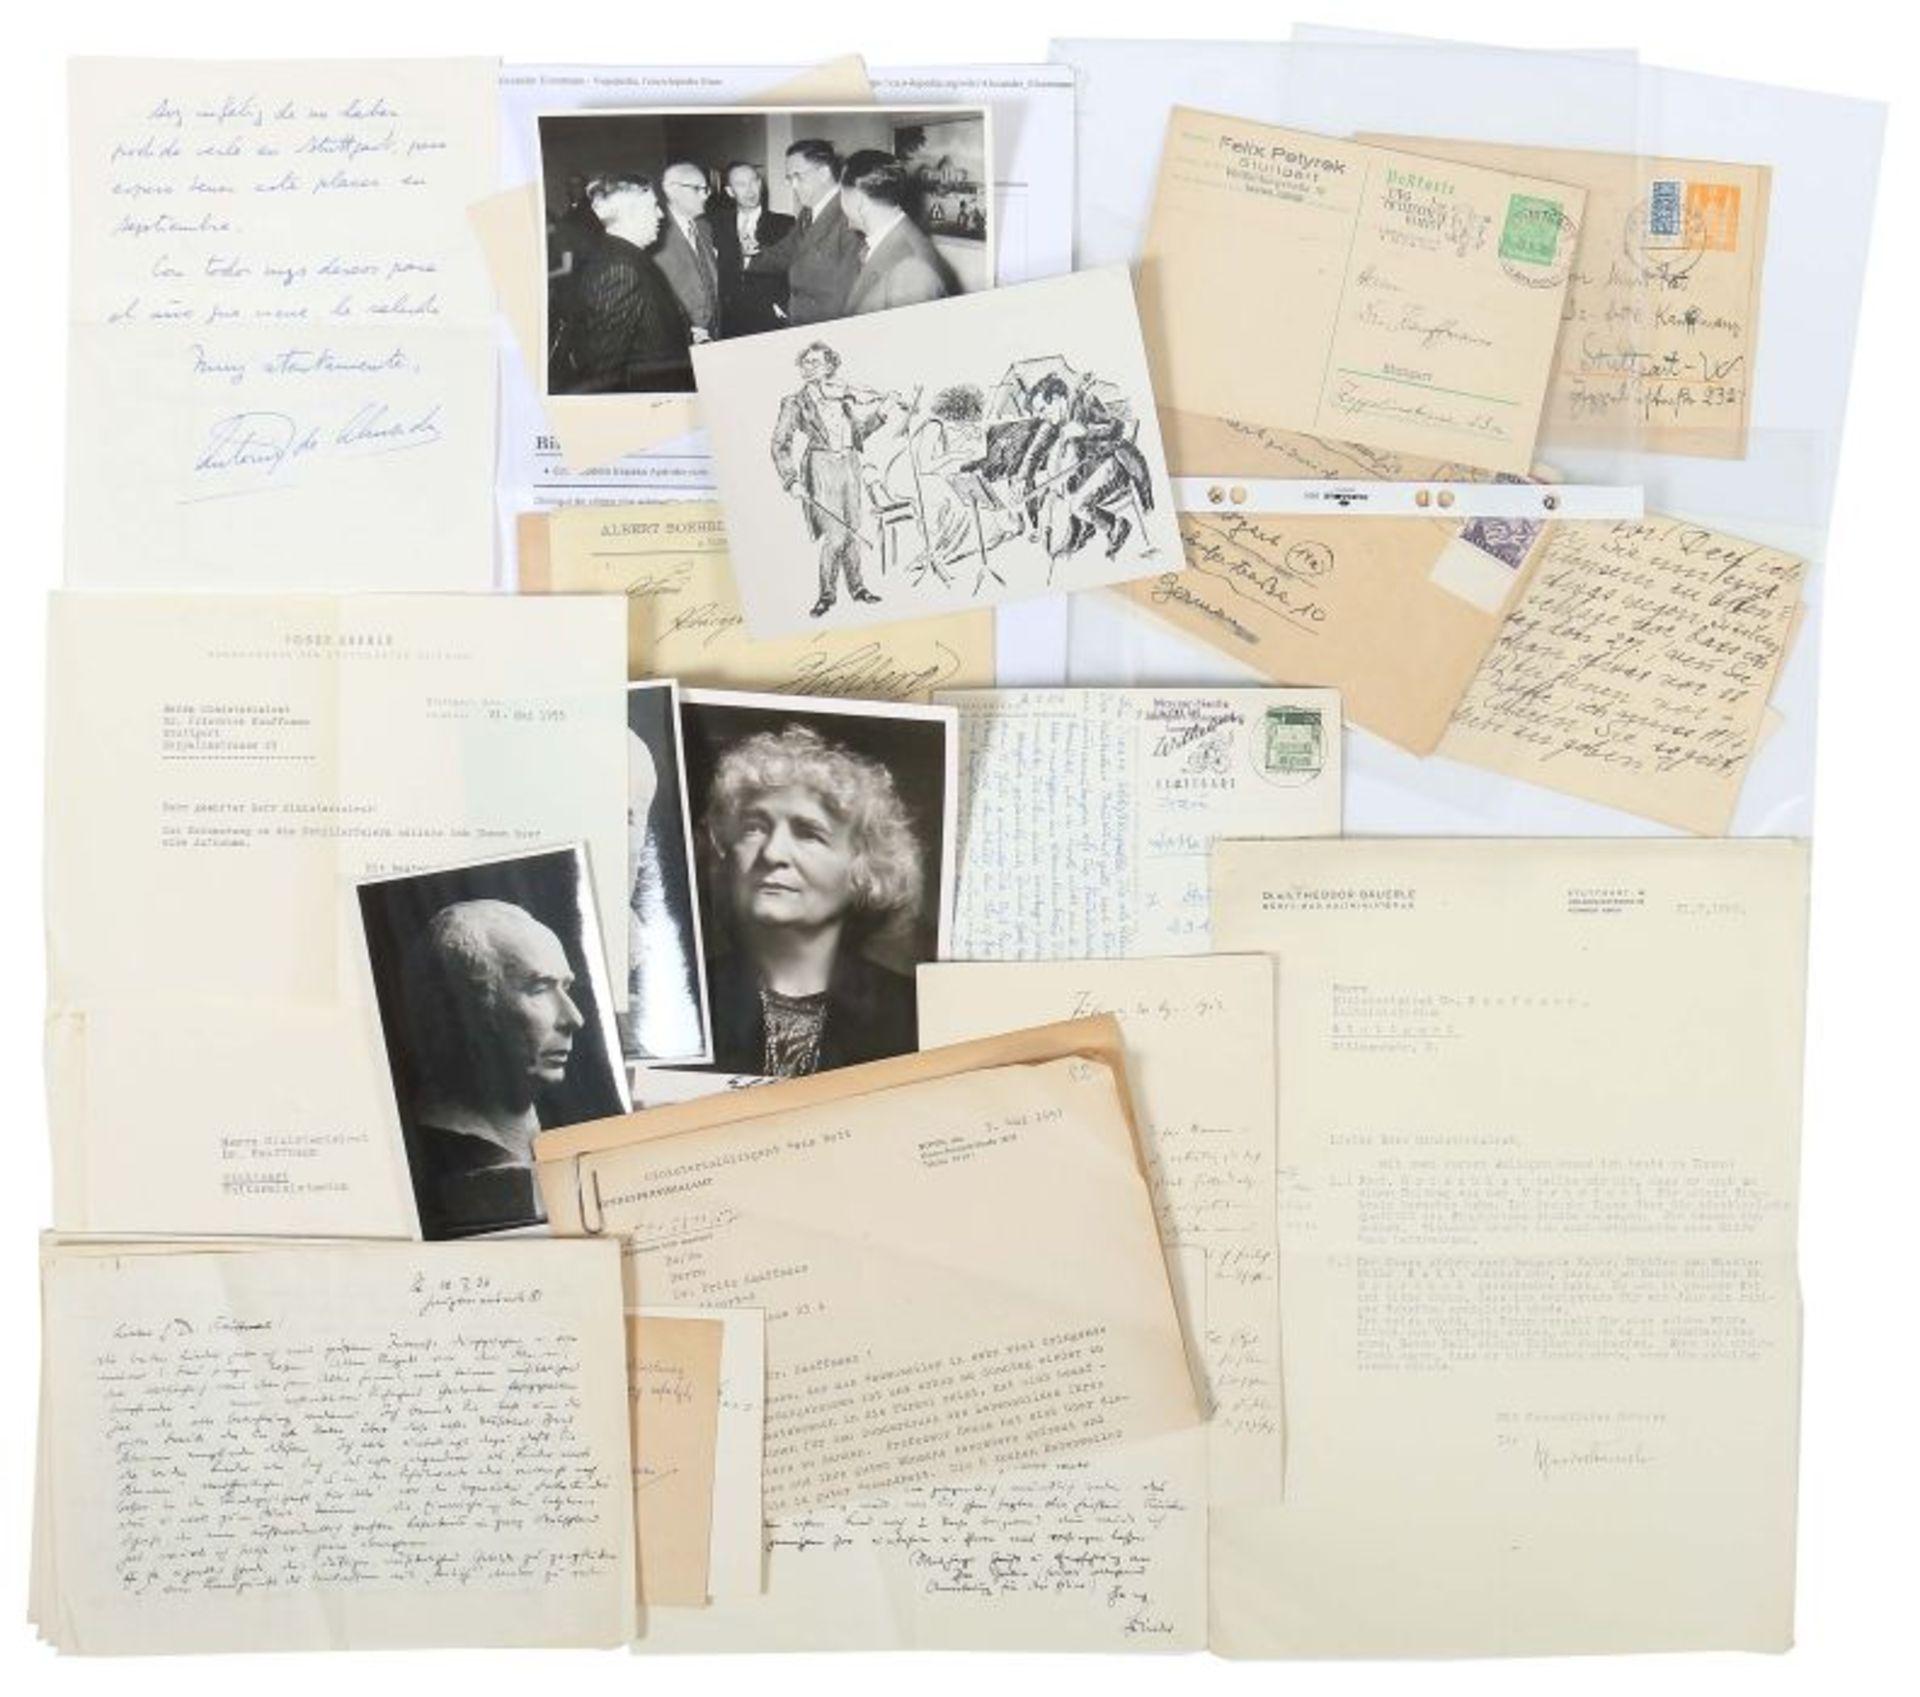 Künstlerkorrespondenzen Hand-/maschinengeschriebene Karten und Briefe u.a. von Felix Petyrek,